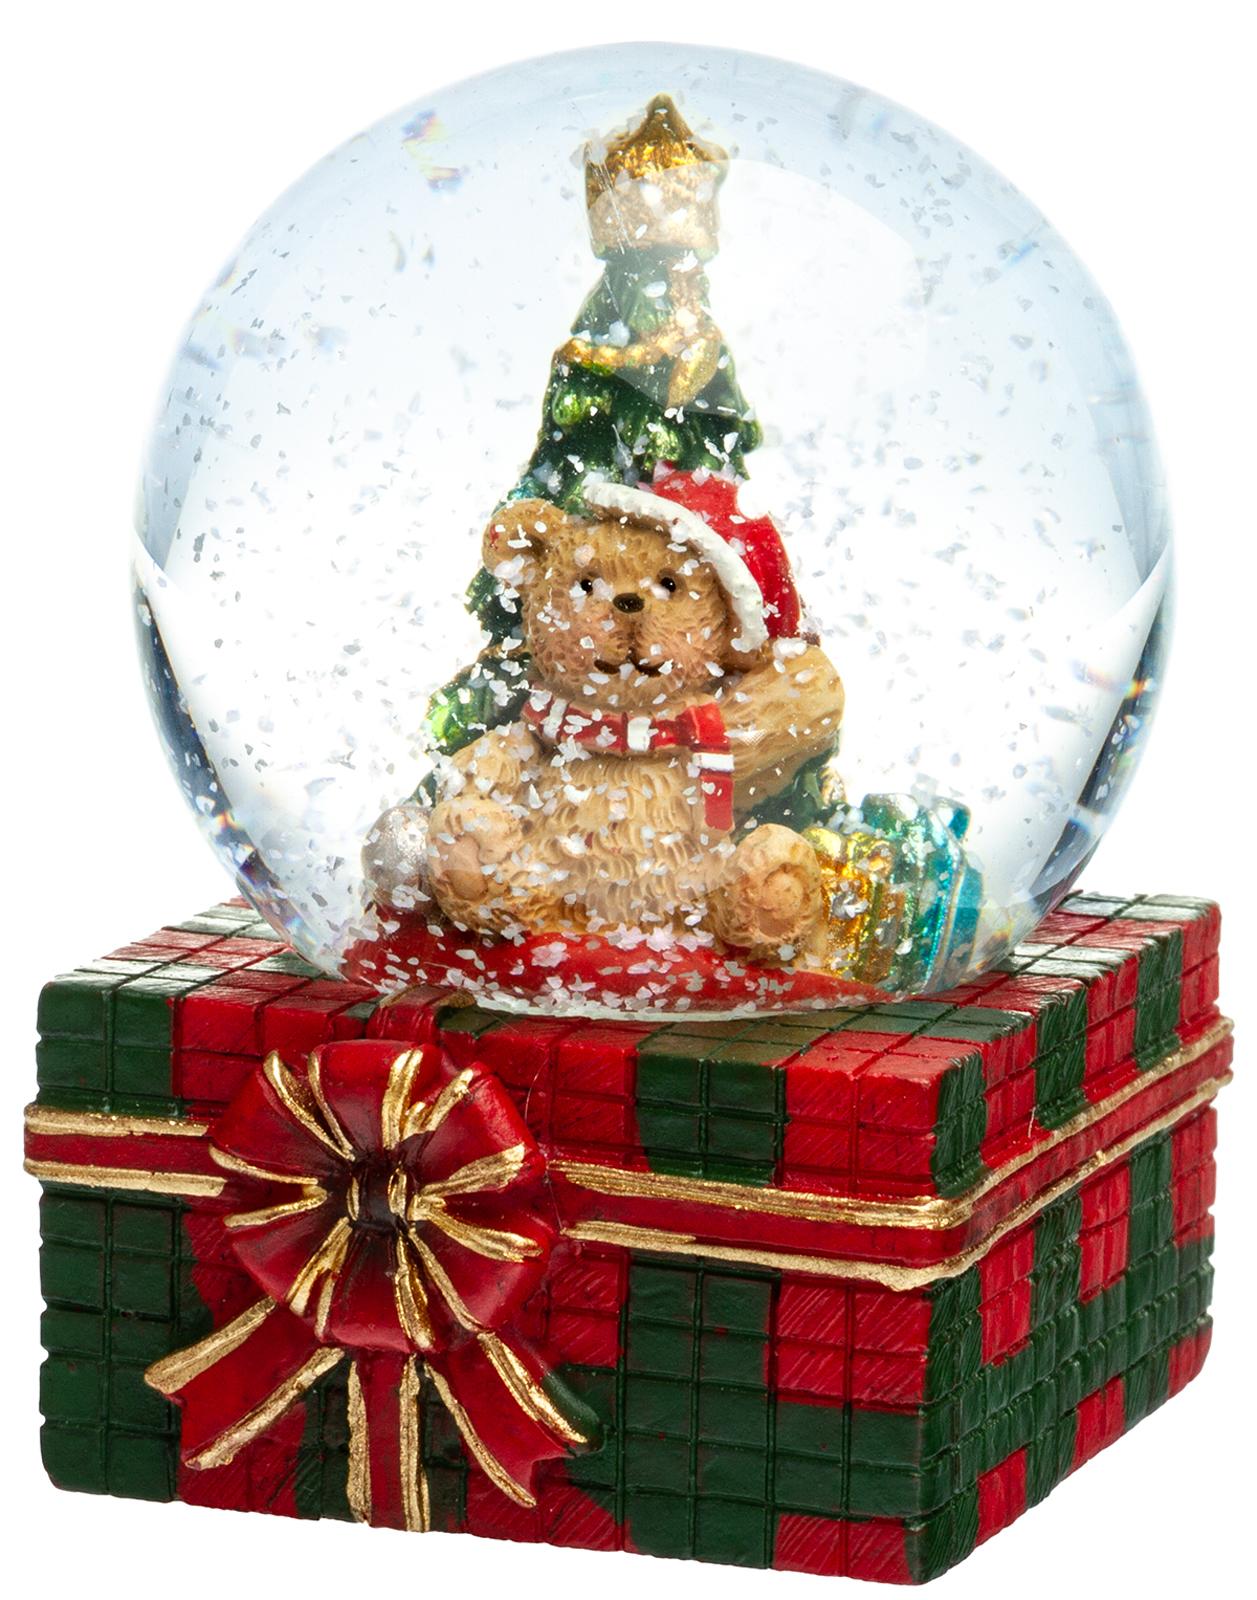 Schneekugel No 8 Sikora Weihnachtswelt